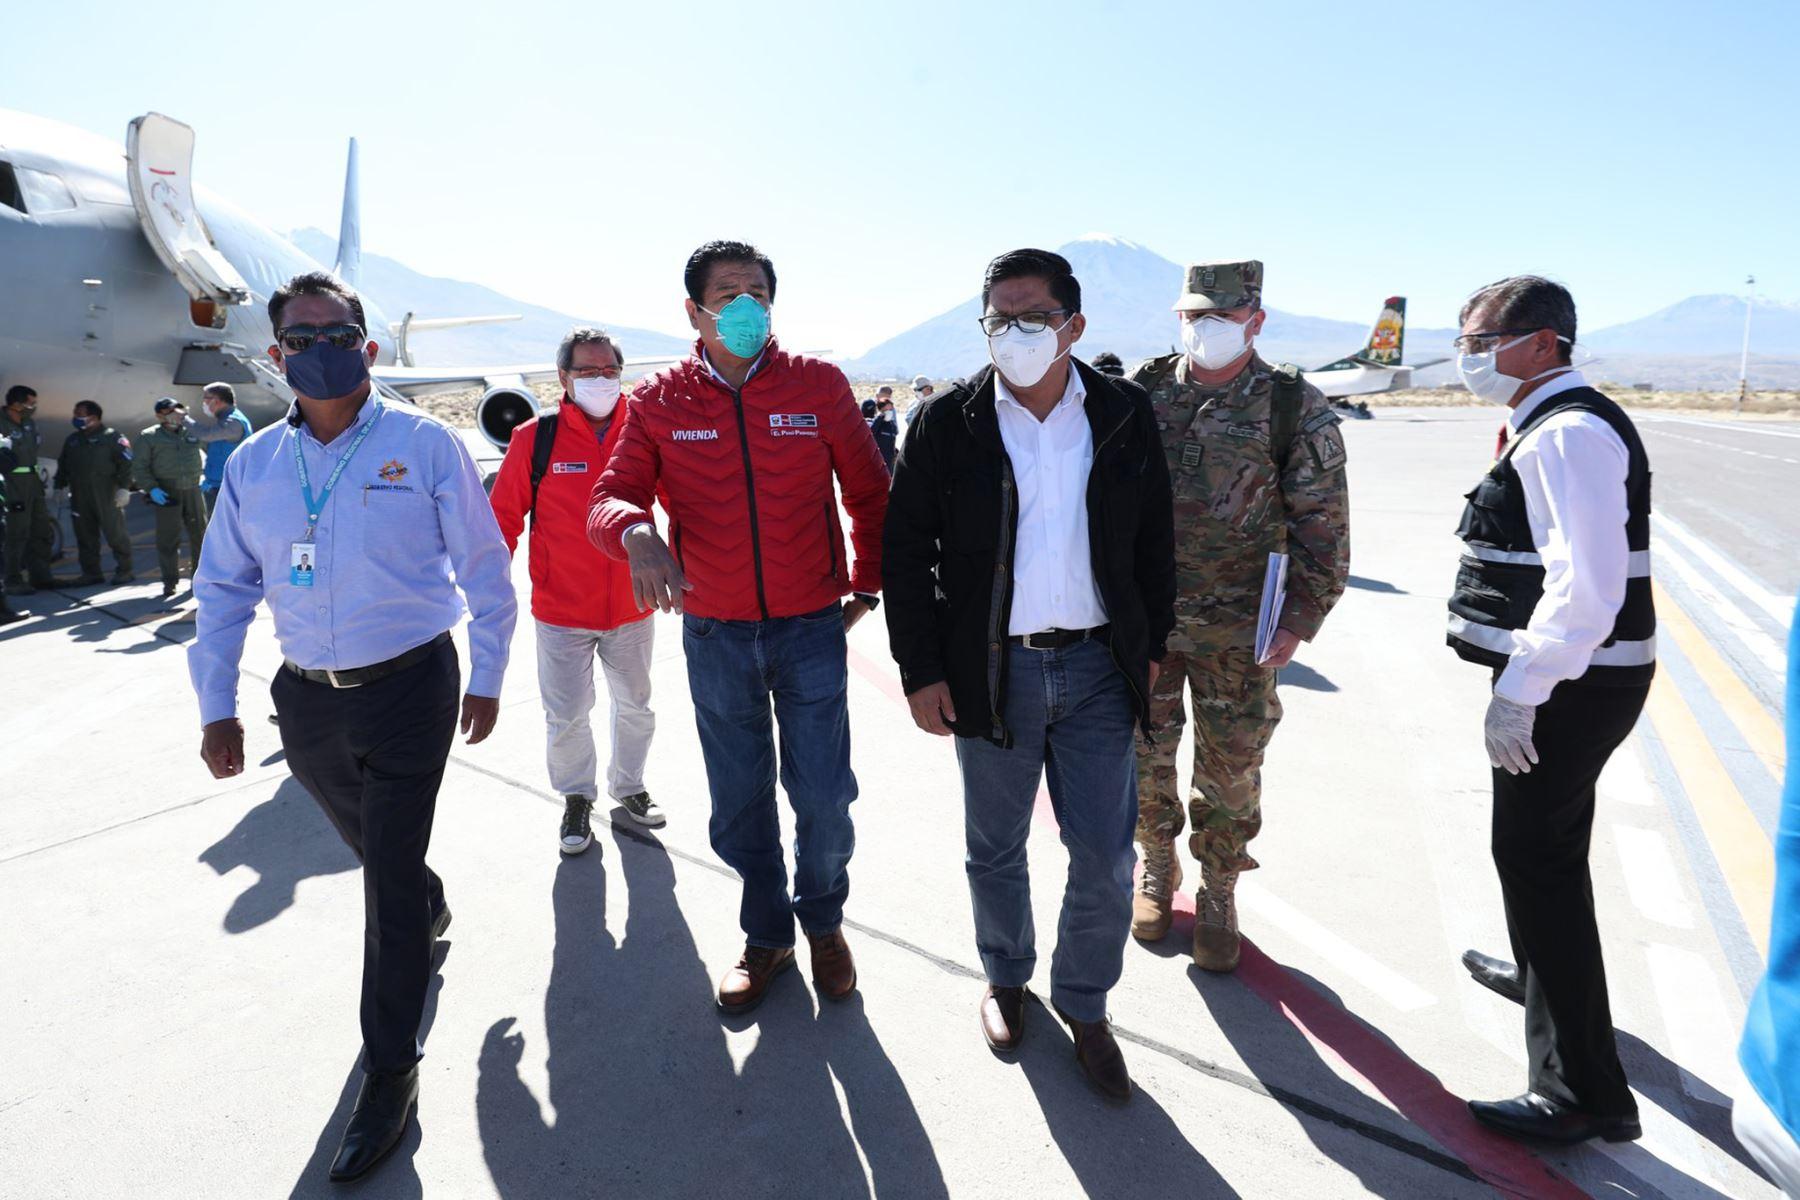 Titular de la PCM, Vicente Zeballos, junto a ministros de Estado, arriban a la ciudad de Arequipa para supervisar el funcionamiento de los servicios de salud, el orden interno y los protocolos sanitarios en los mercados frente al coronavirus. Foto: ANDINA/PCM